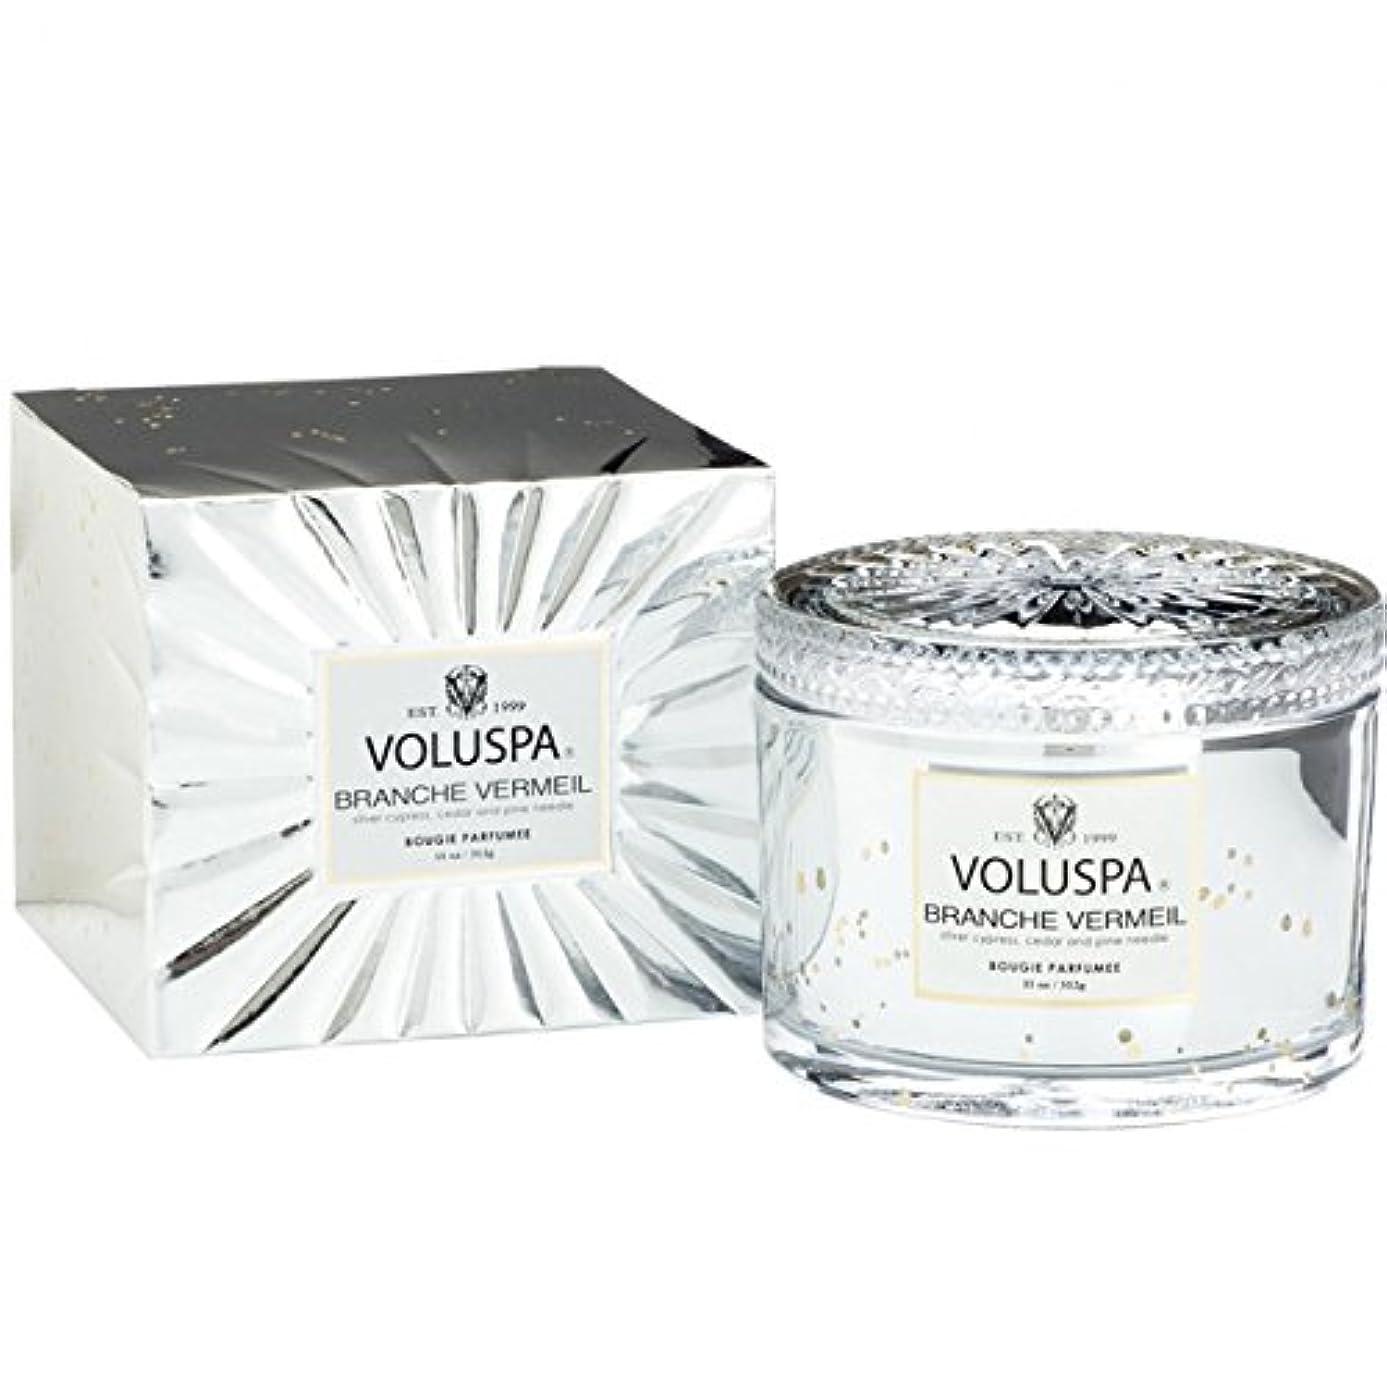 その他スコア中にVoluspa ボルスパ ヴァーメイル ボックス入り グラスキャンドル フ?ランチヴァーメイル BRANCHE VERMEIL VERMEIL BOX Glass Candle